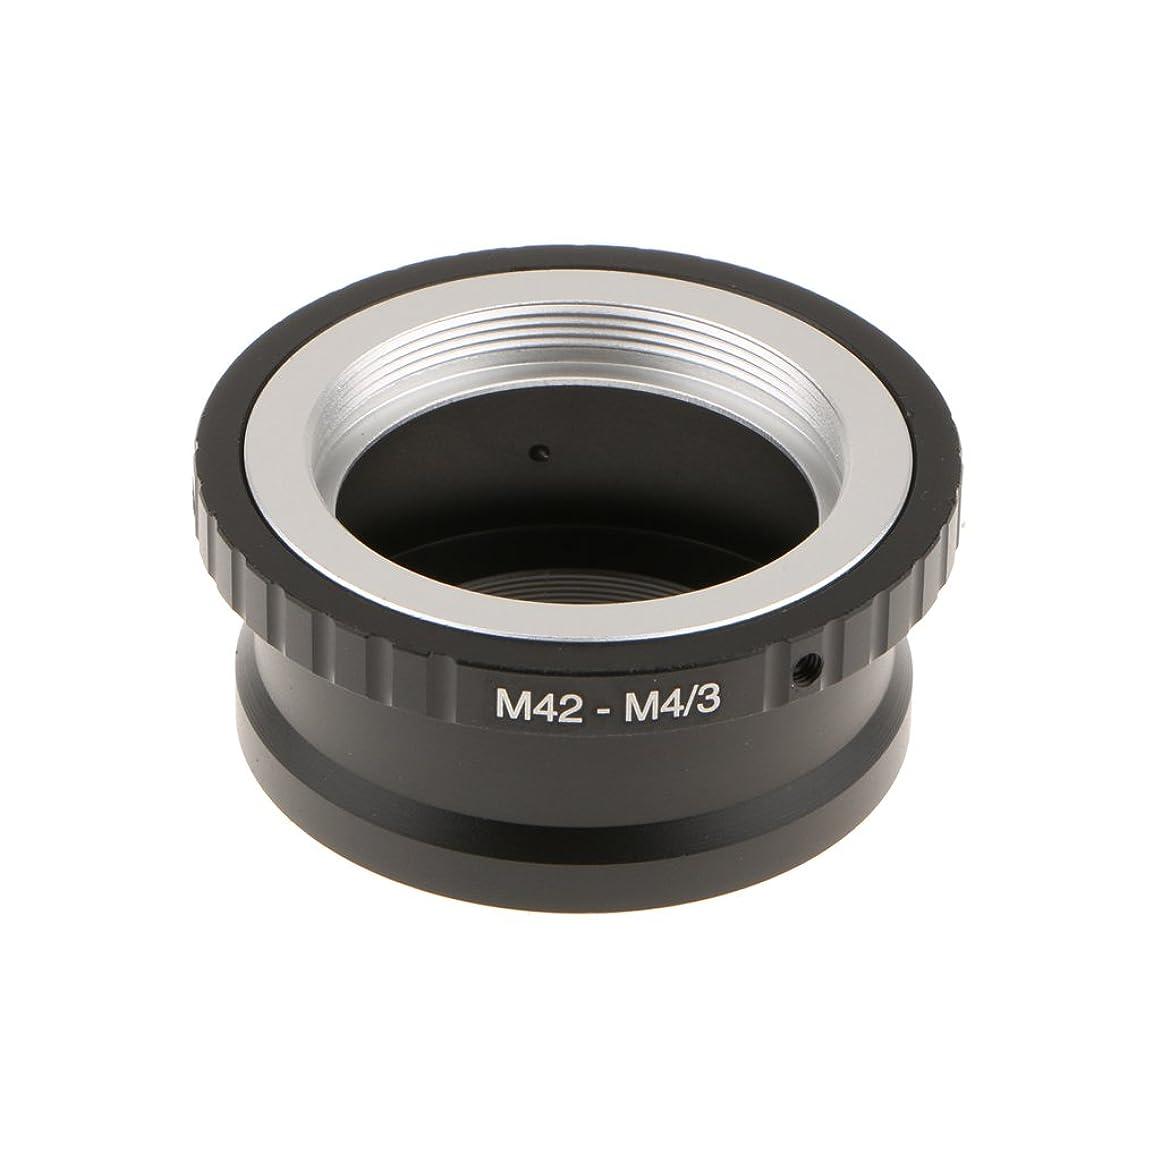 上がるブラジャーバックDovewill カメラアダプターリング M42レンズ マイクロM4 / 3  MFT用 カメラマウント オリンパス M42レンズ Panasonicカメラ適用